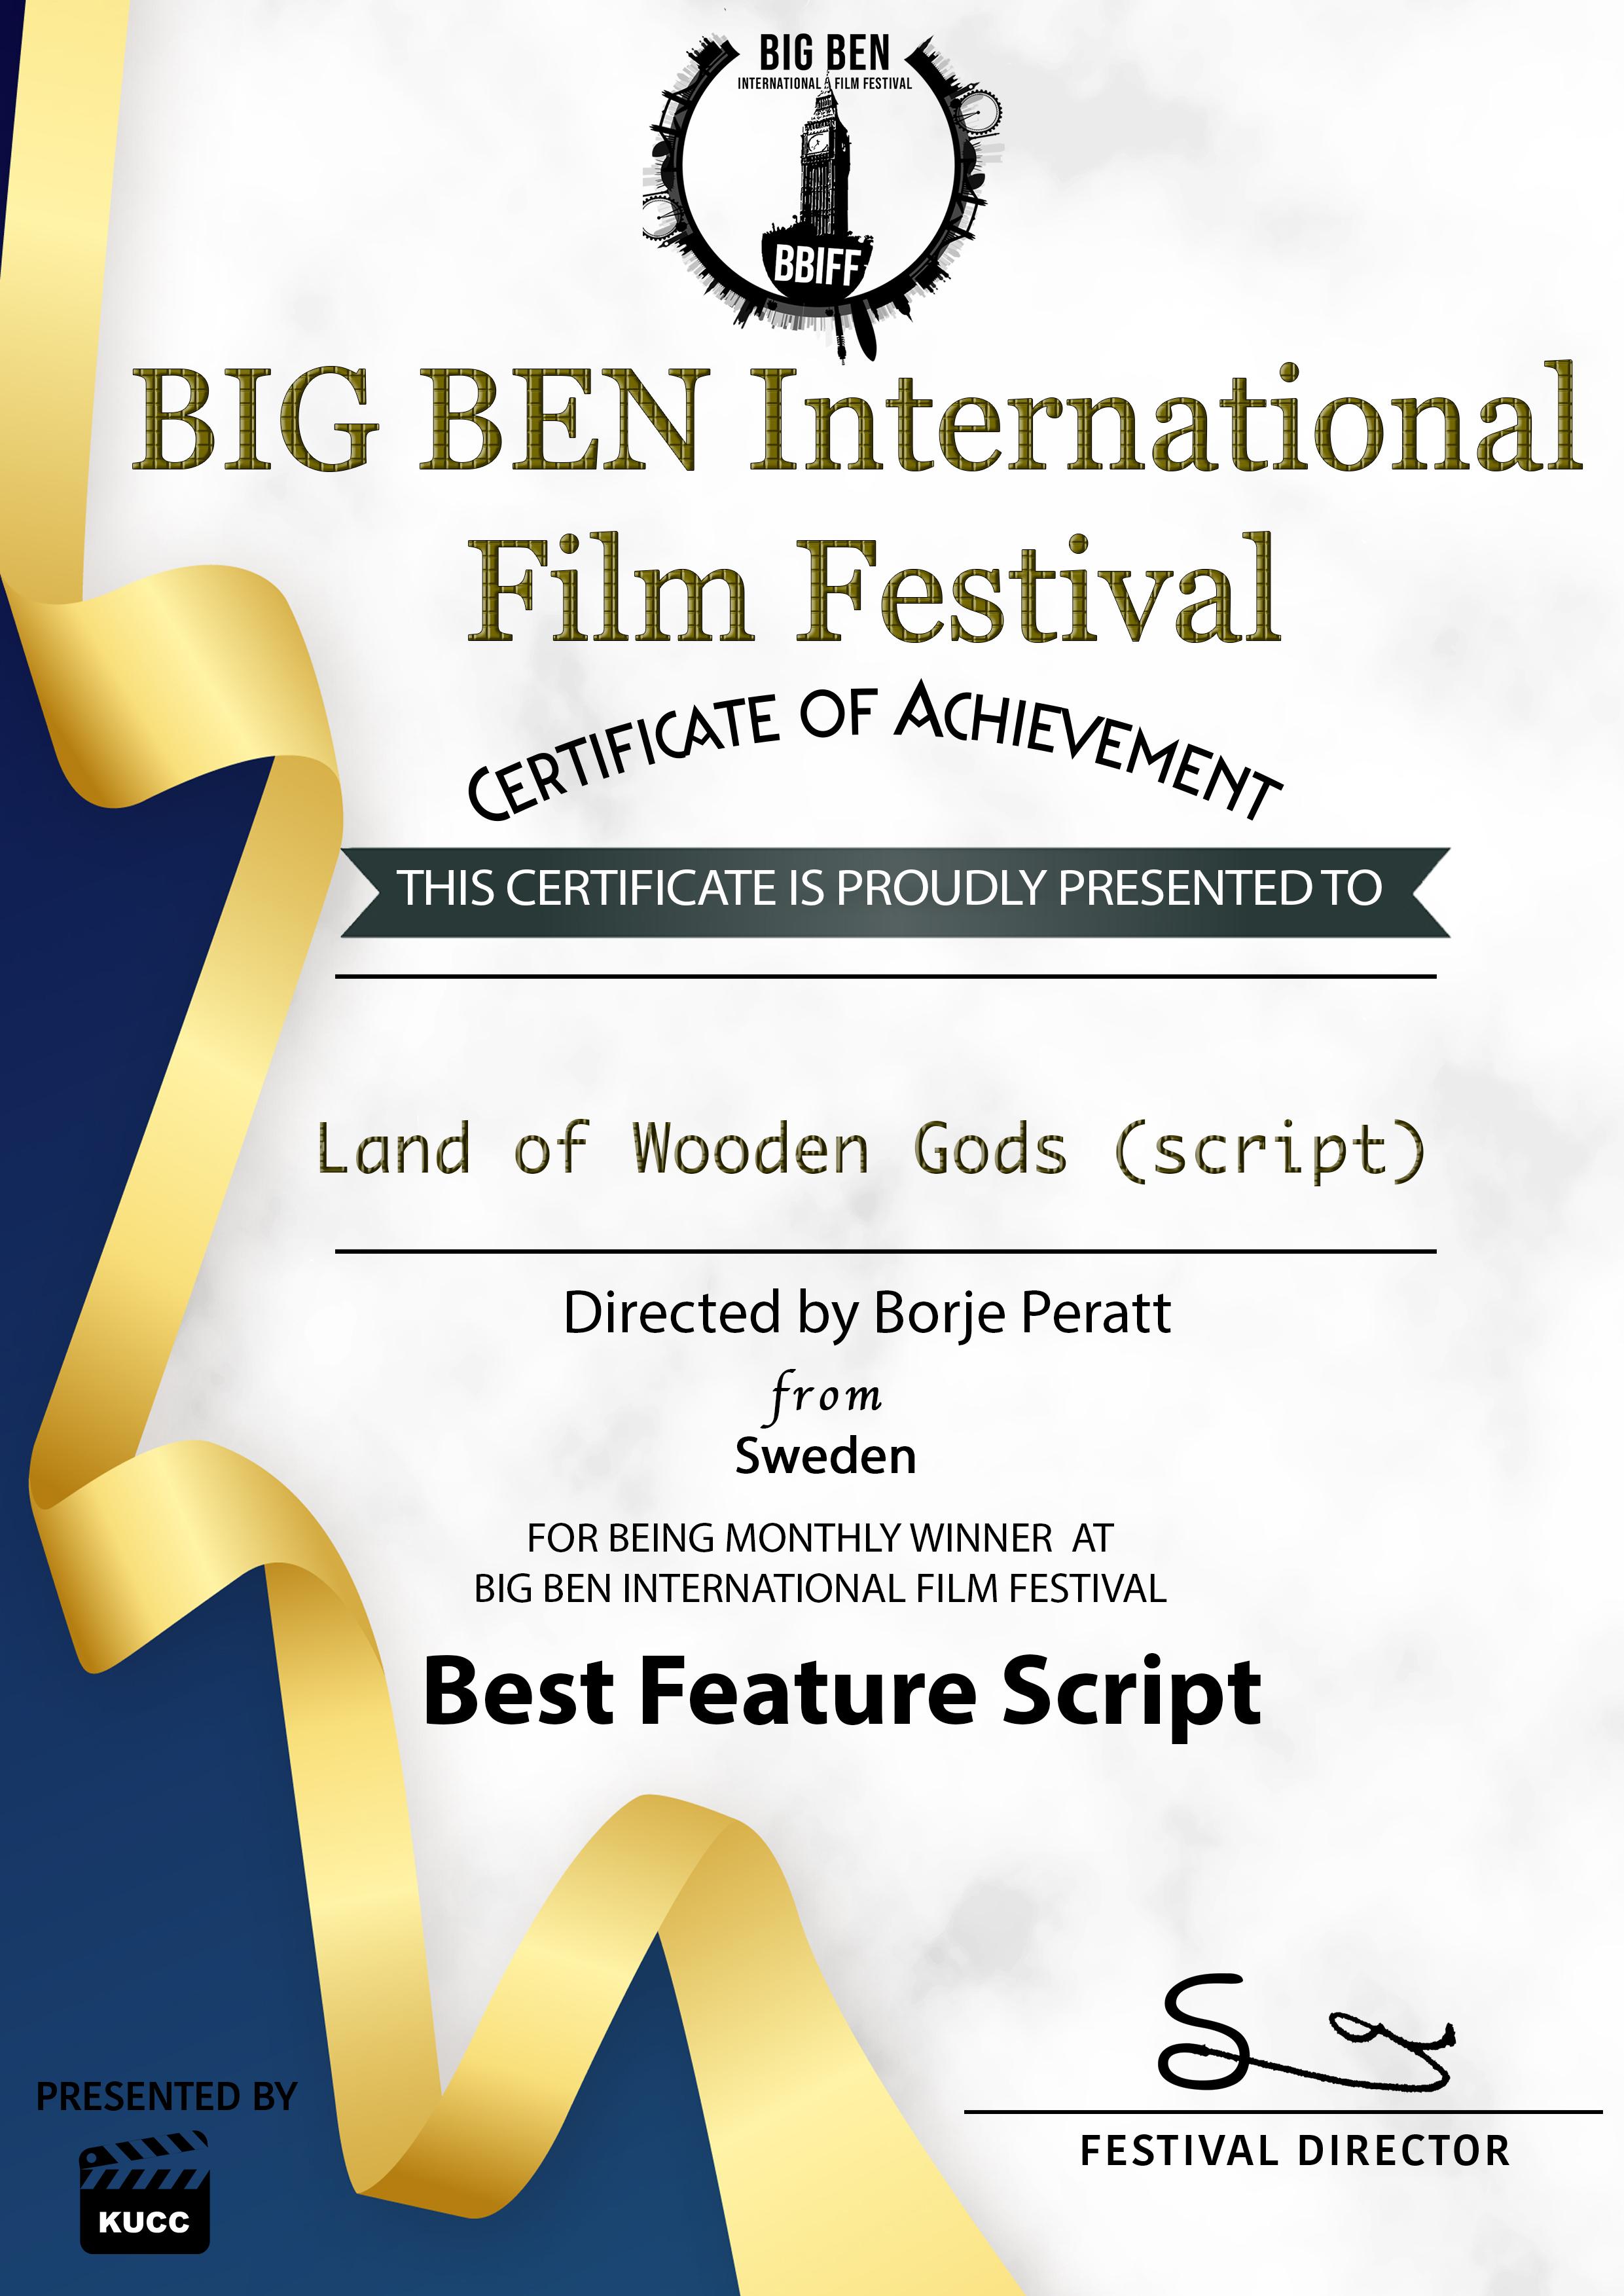 BIG BEN International Film Festival London - Land of Wooden Gods Script by Börje Peratt